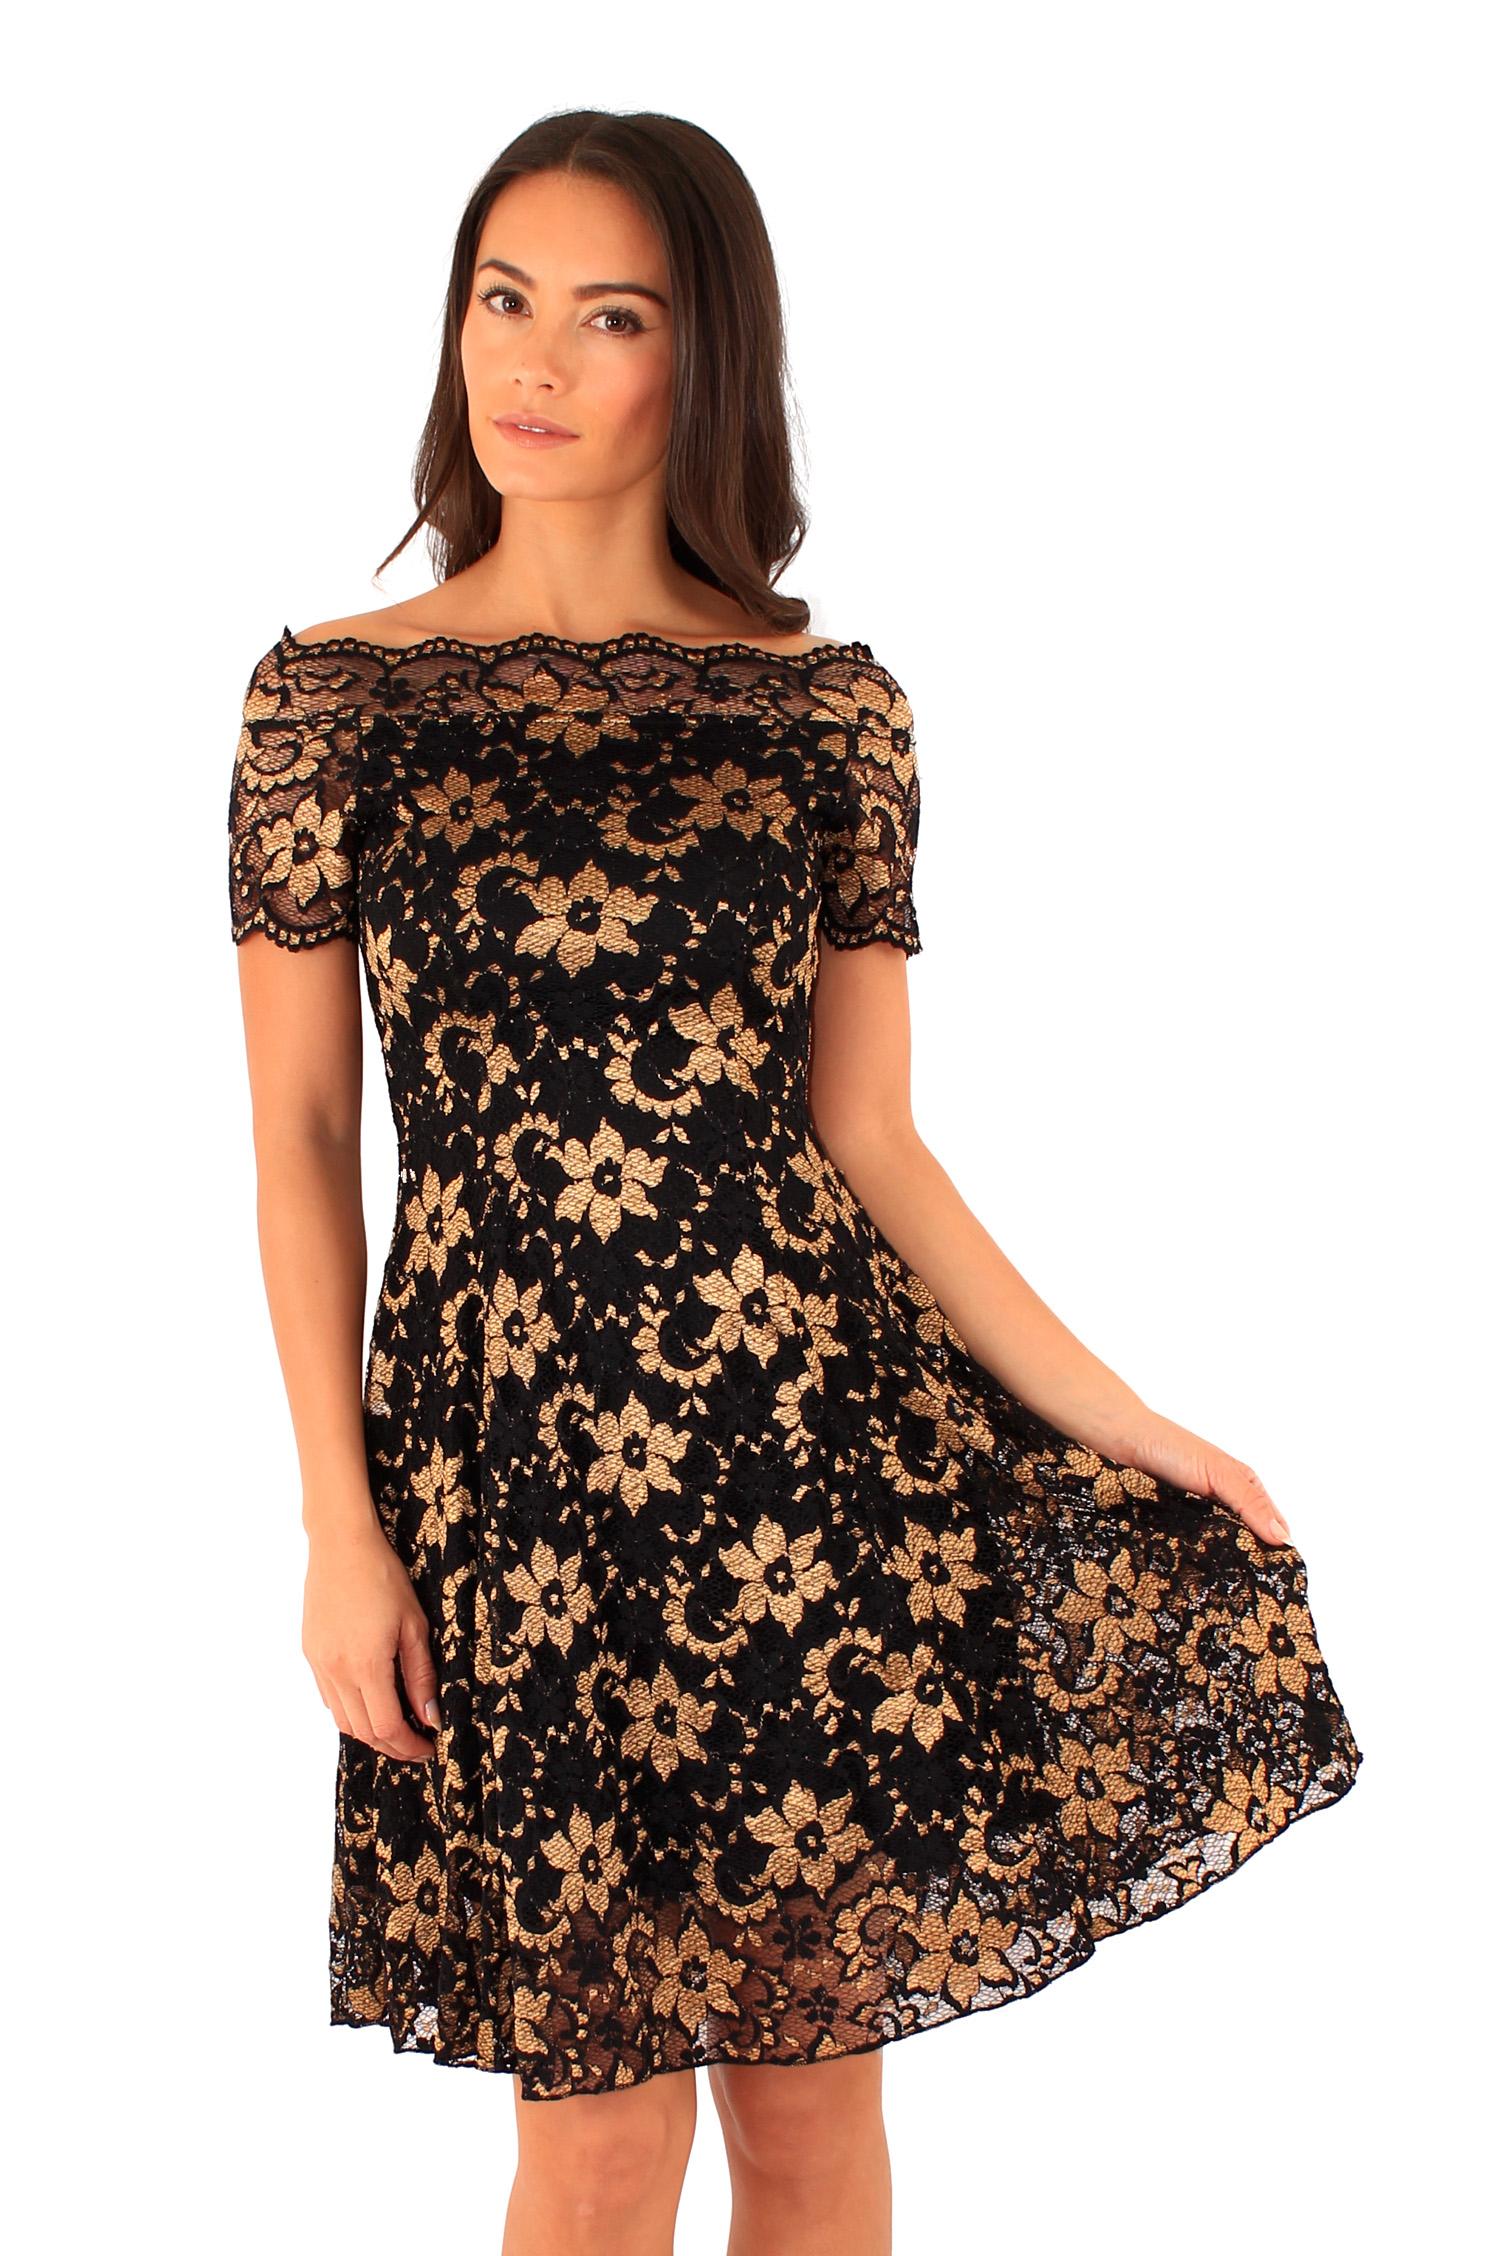 Ly xx Společenské krajkové šaty - Glami.cz 7bc2922db6